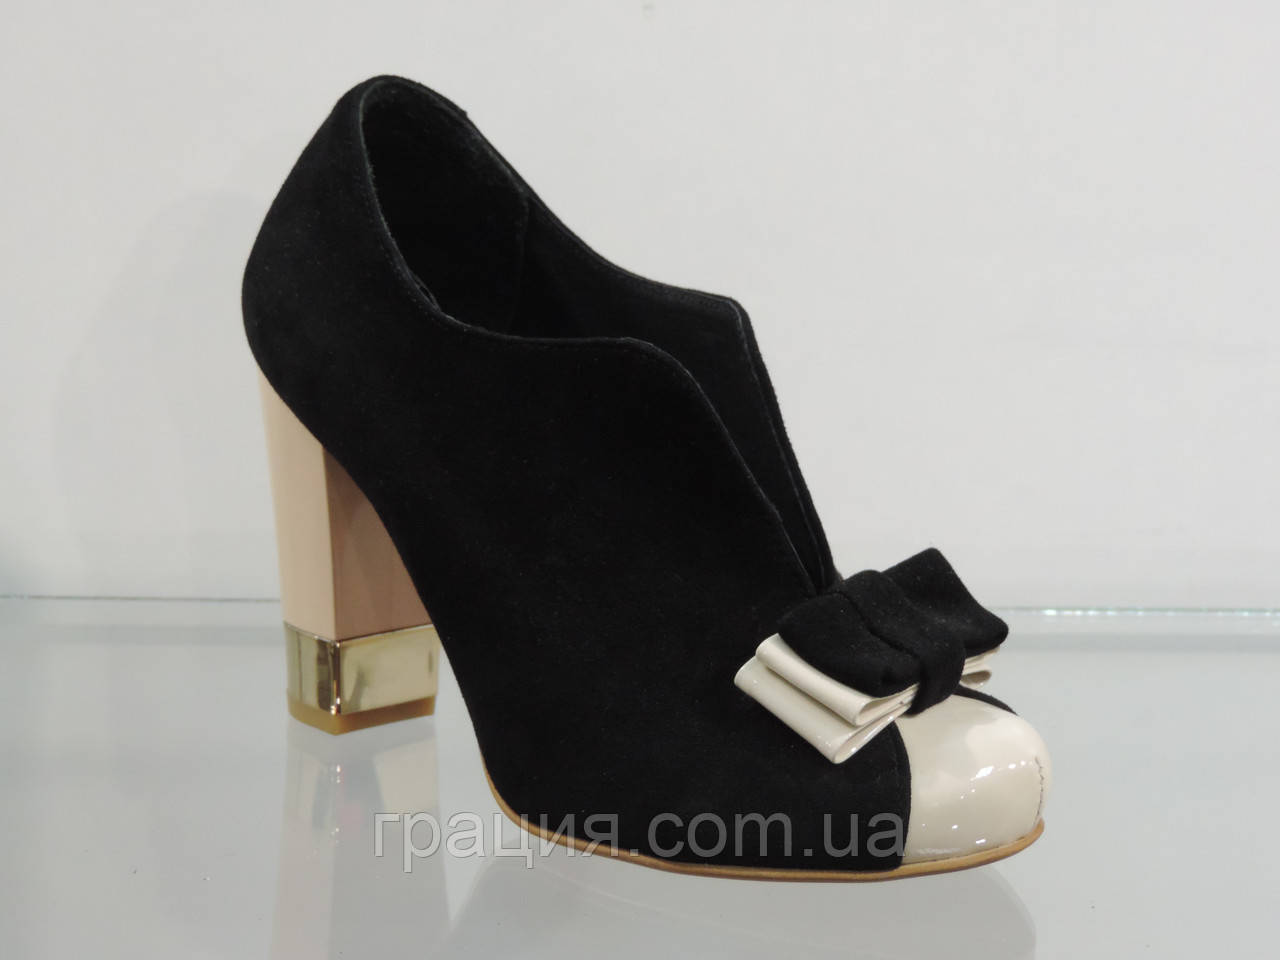 Туфли женские замшевые закрытые на каблуке 40